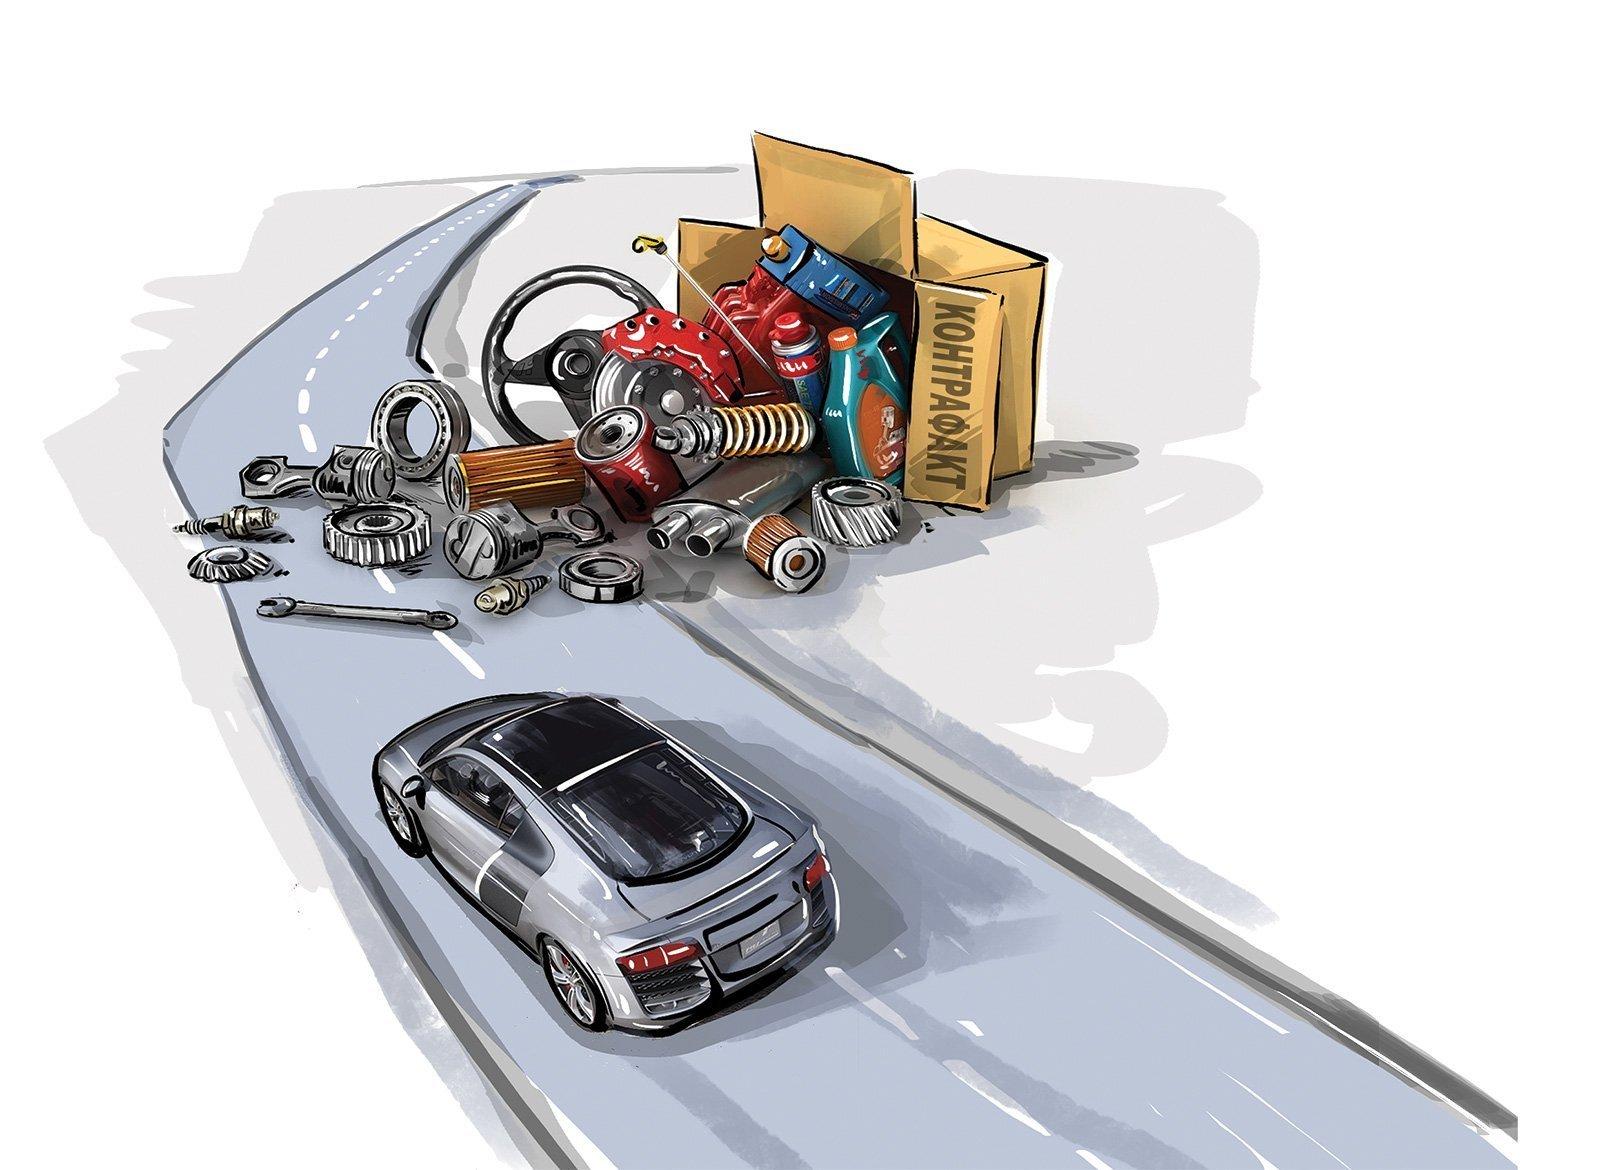 Осторожно, контрафакт! Чем опасны поддельные автозапчасти и кто с ними должен бороться